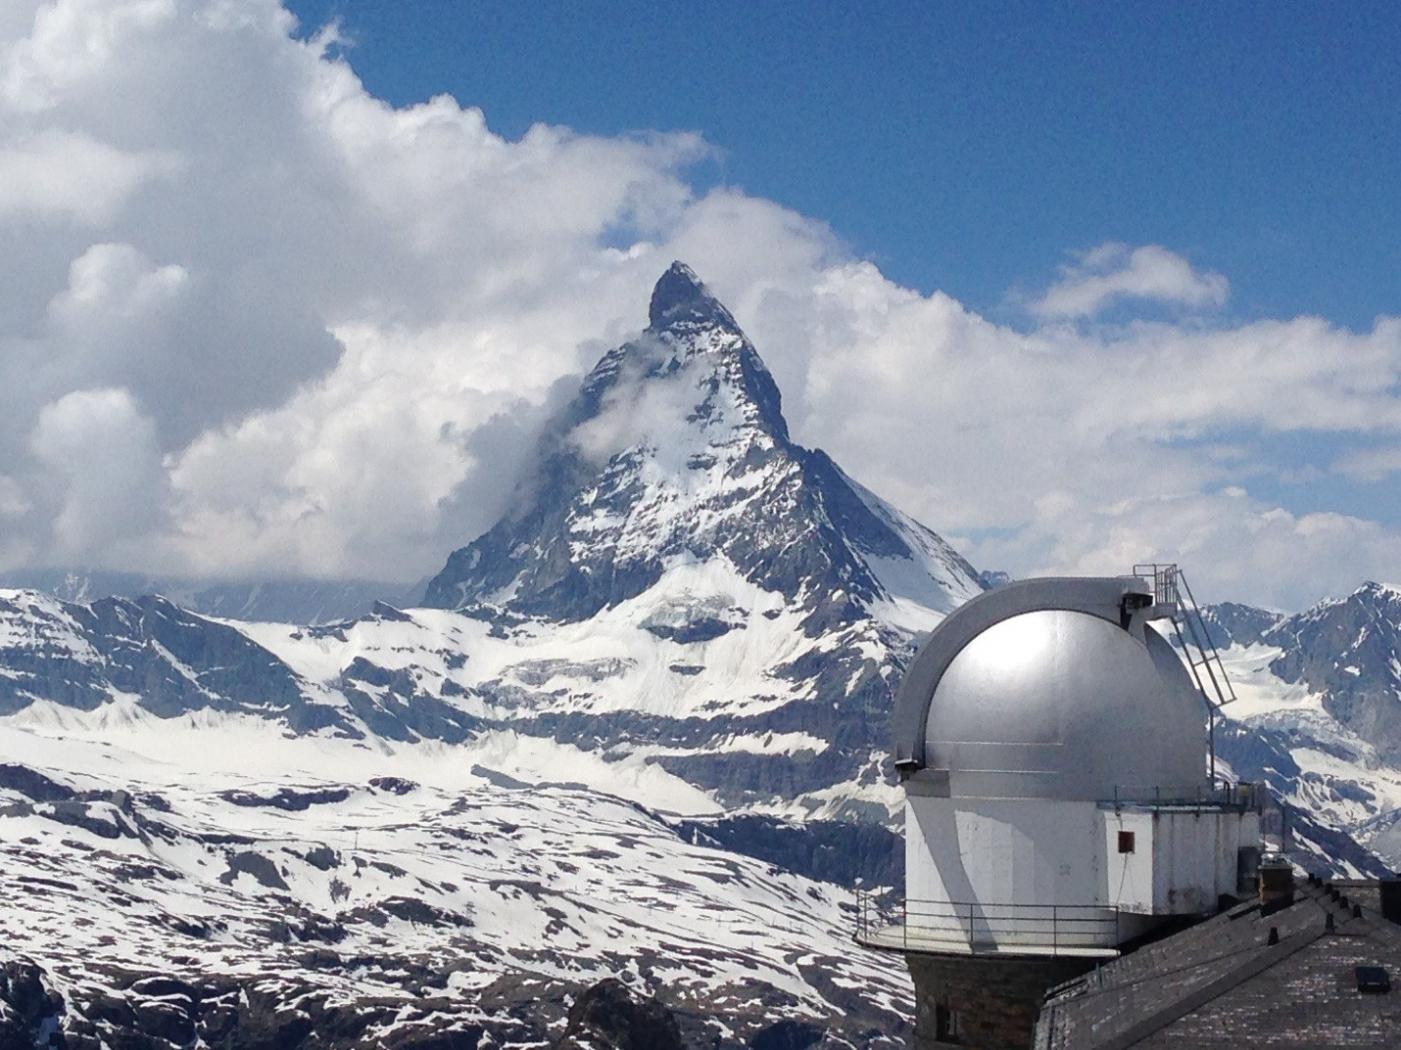 2015游记(4)环游瑞士 - 马特洪峰与冰川列车_图1-1